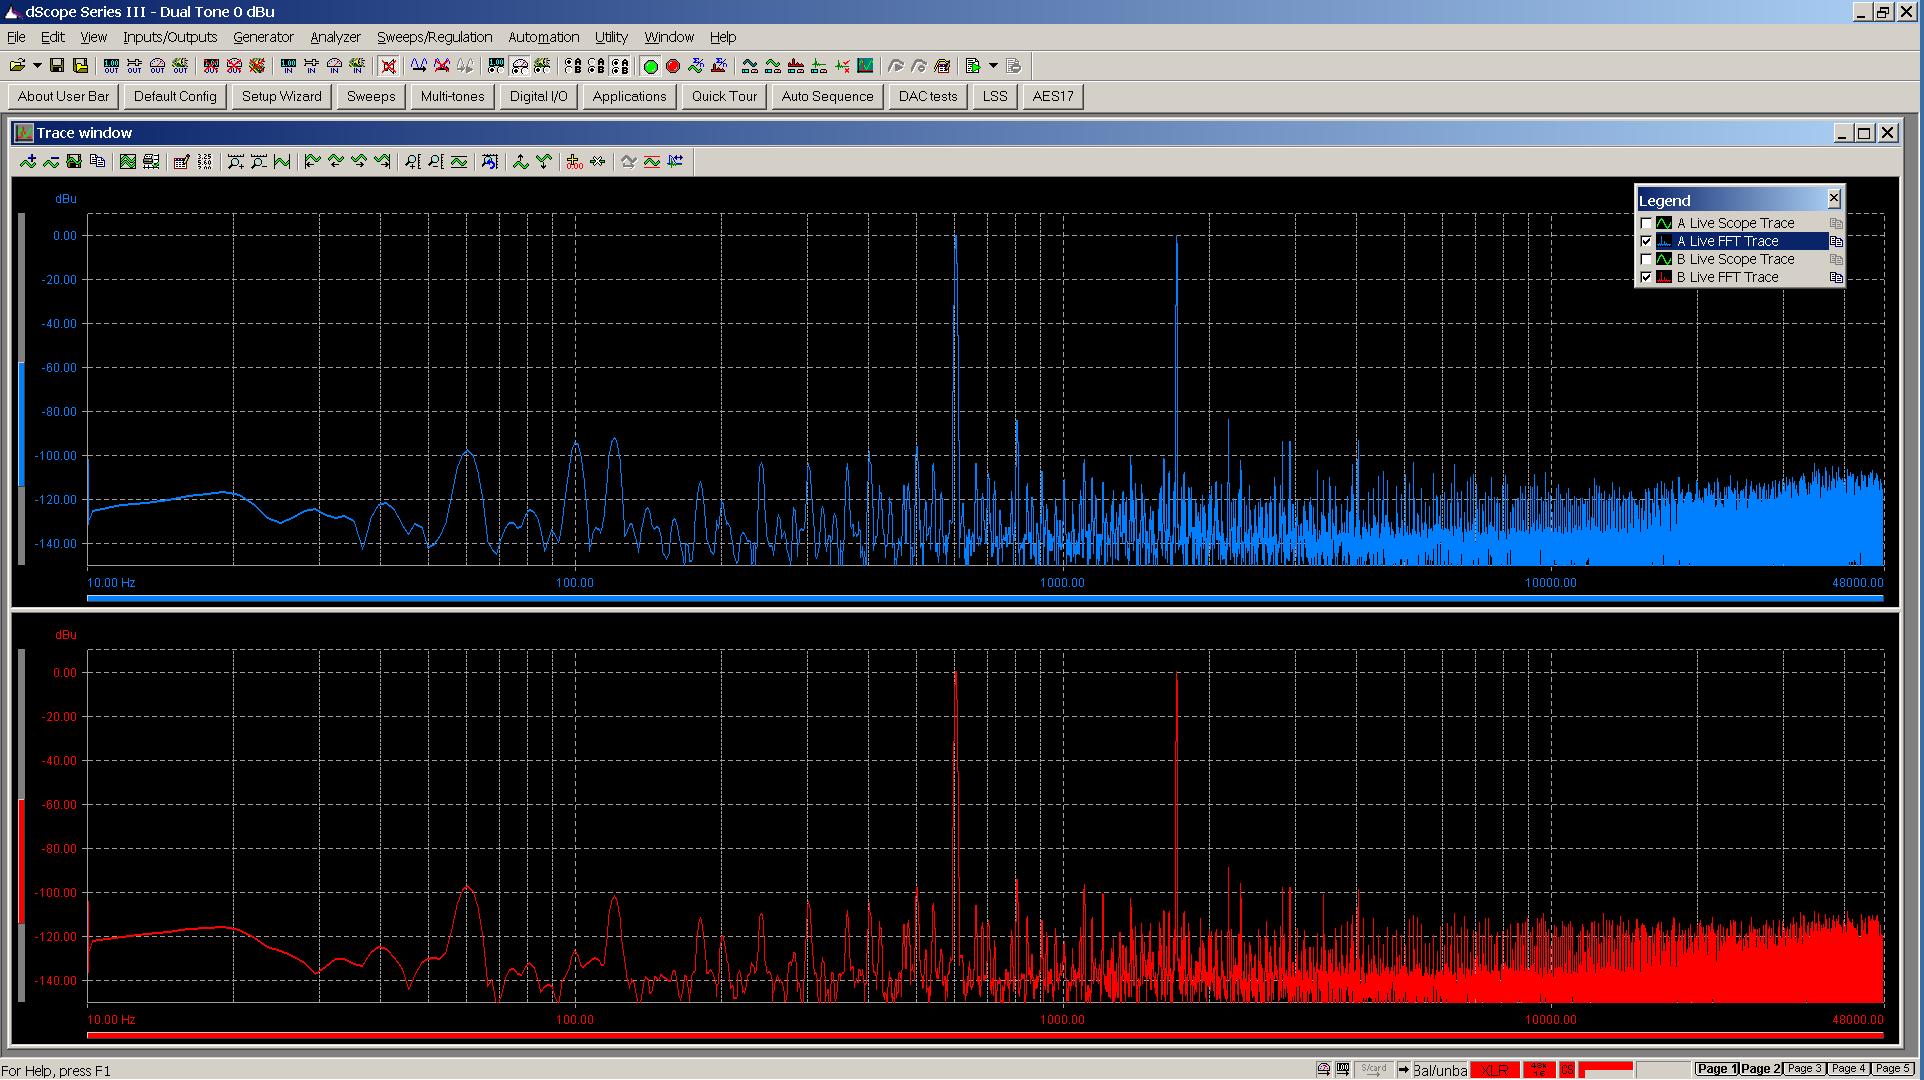 20170725 Ares SE 600+1700Hz 0 dBu dual tone - w Eitr DDC.png